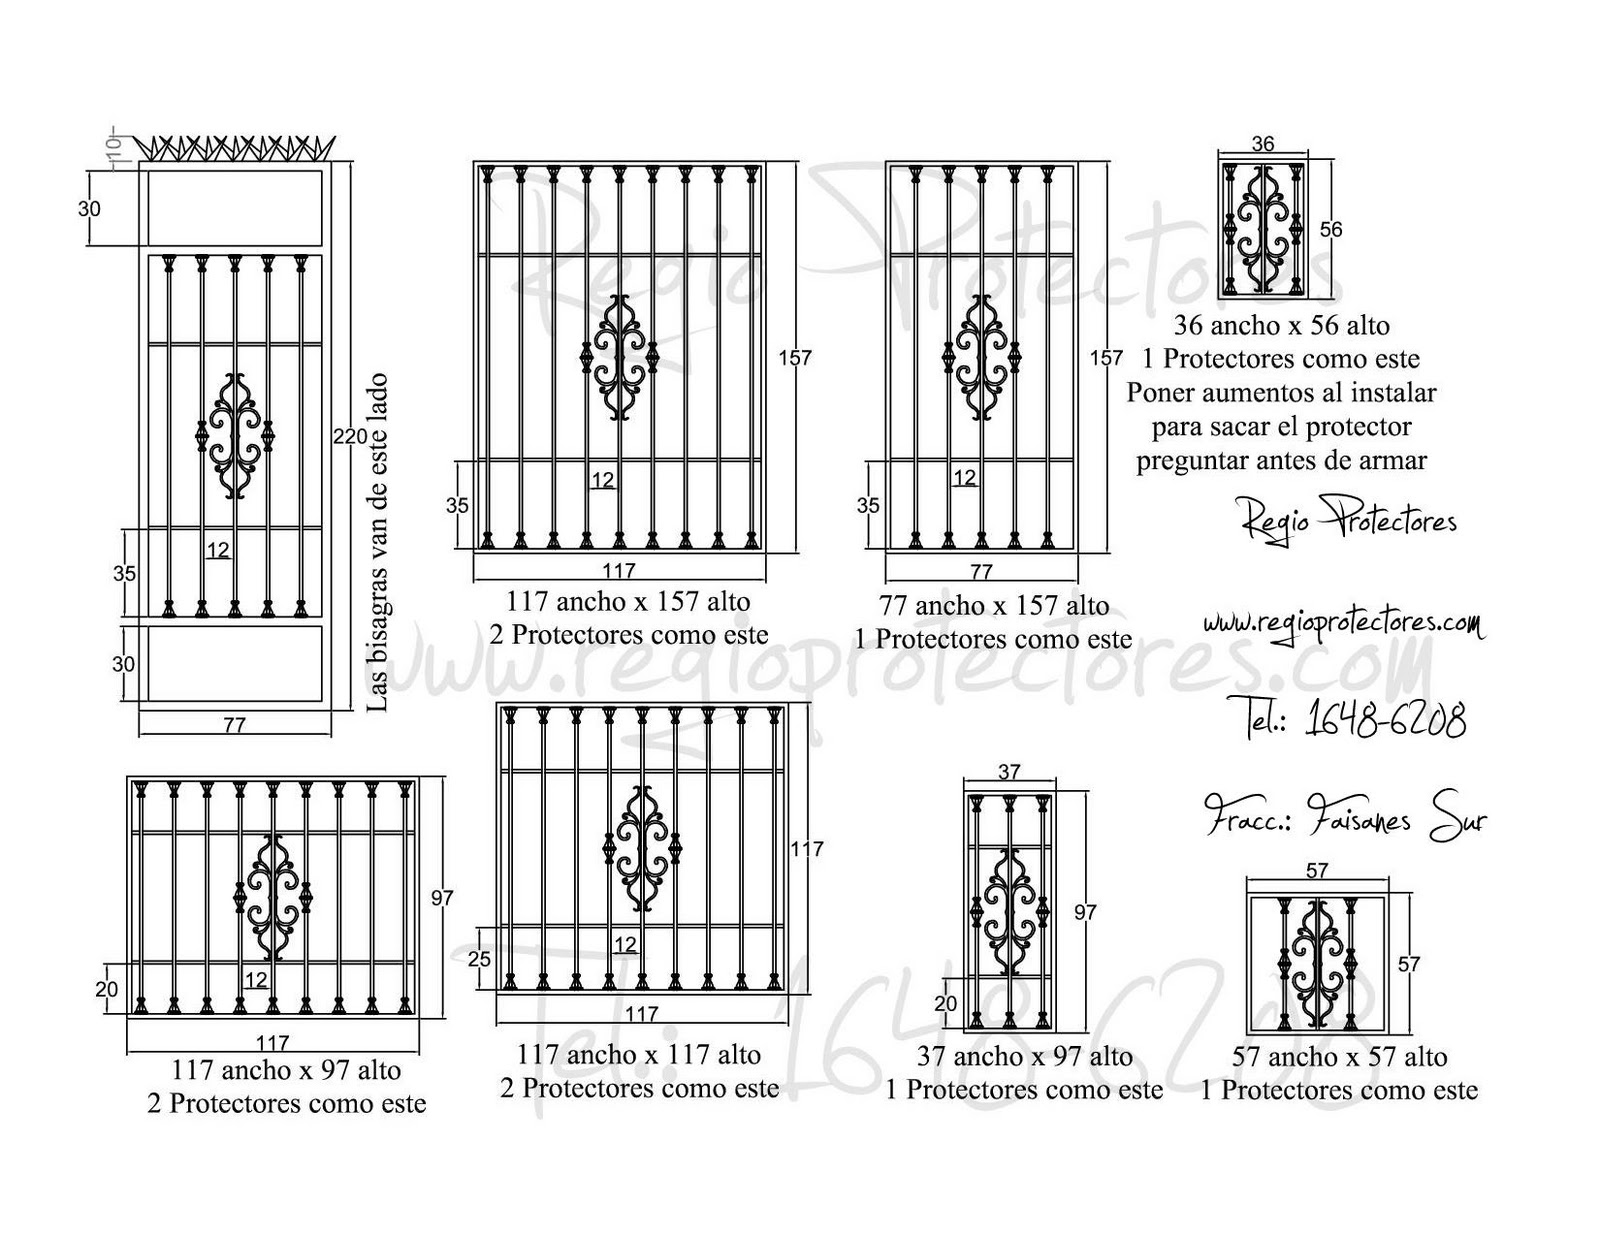 Protectores para ventanas y puertas, Fracc. Faisanes Sur, Foto Montaje